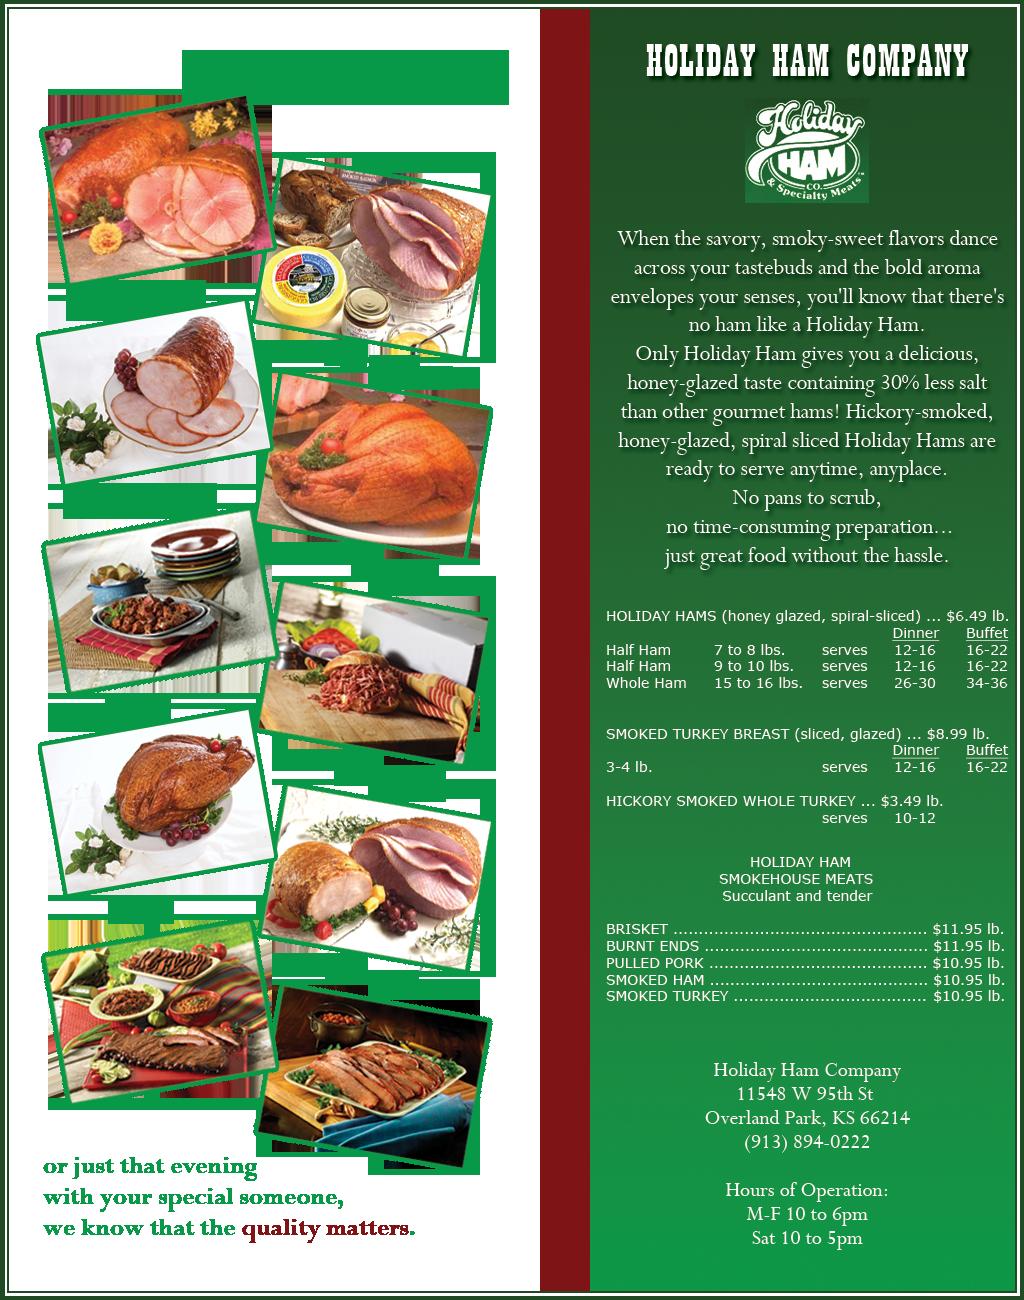 Ham company -  Ham Company